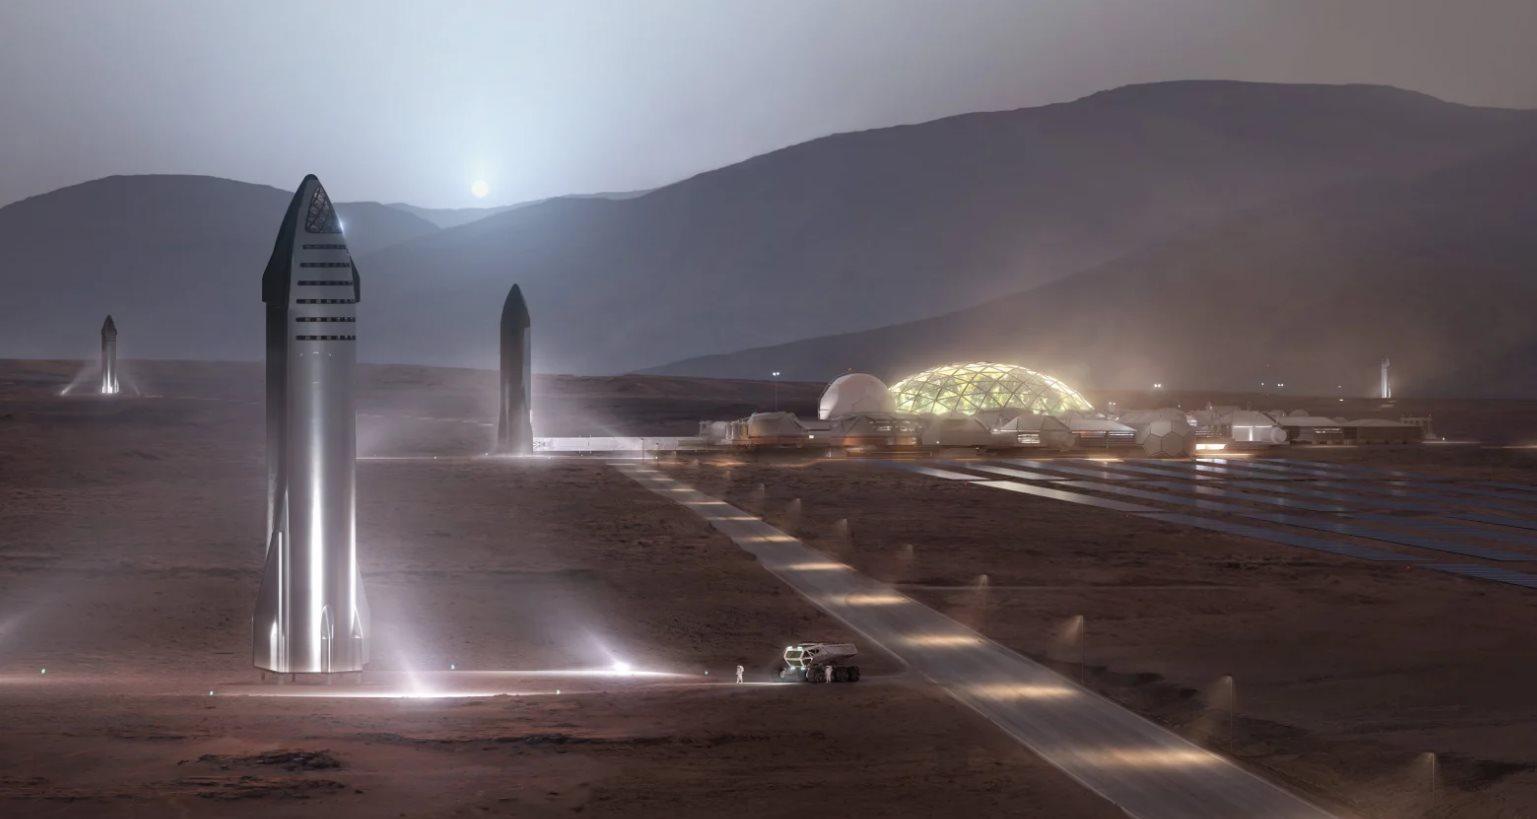 Este es el cohete que nos llevará a Marte, según Elon Musk